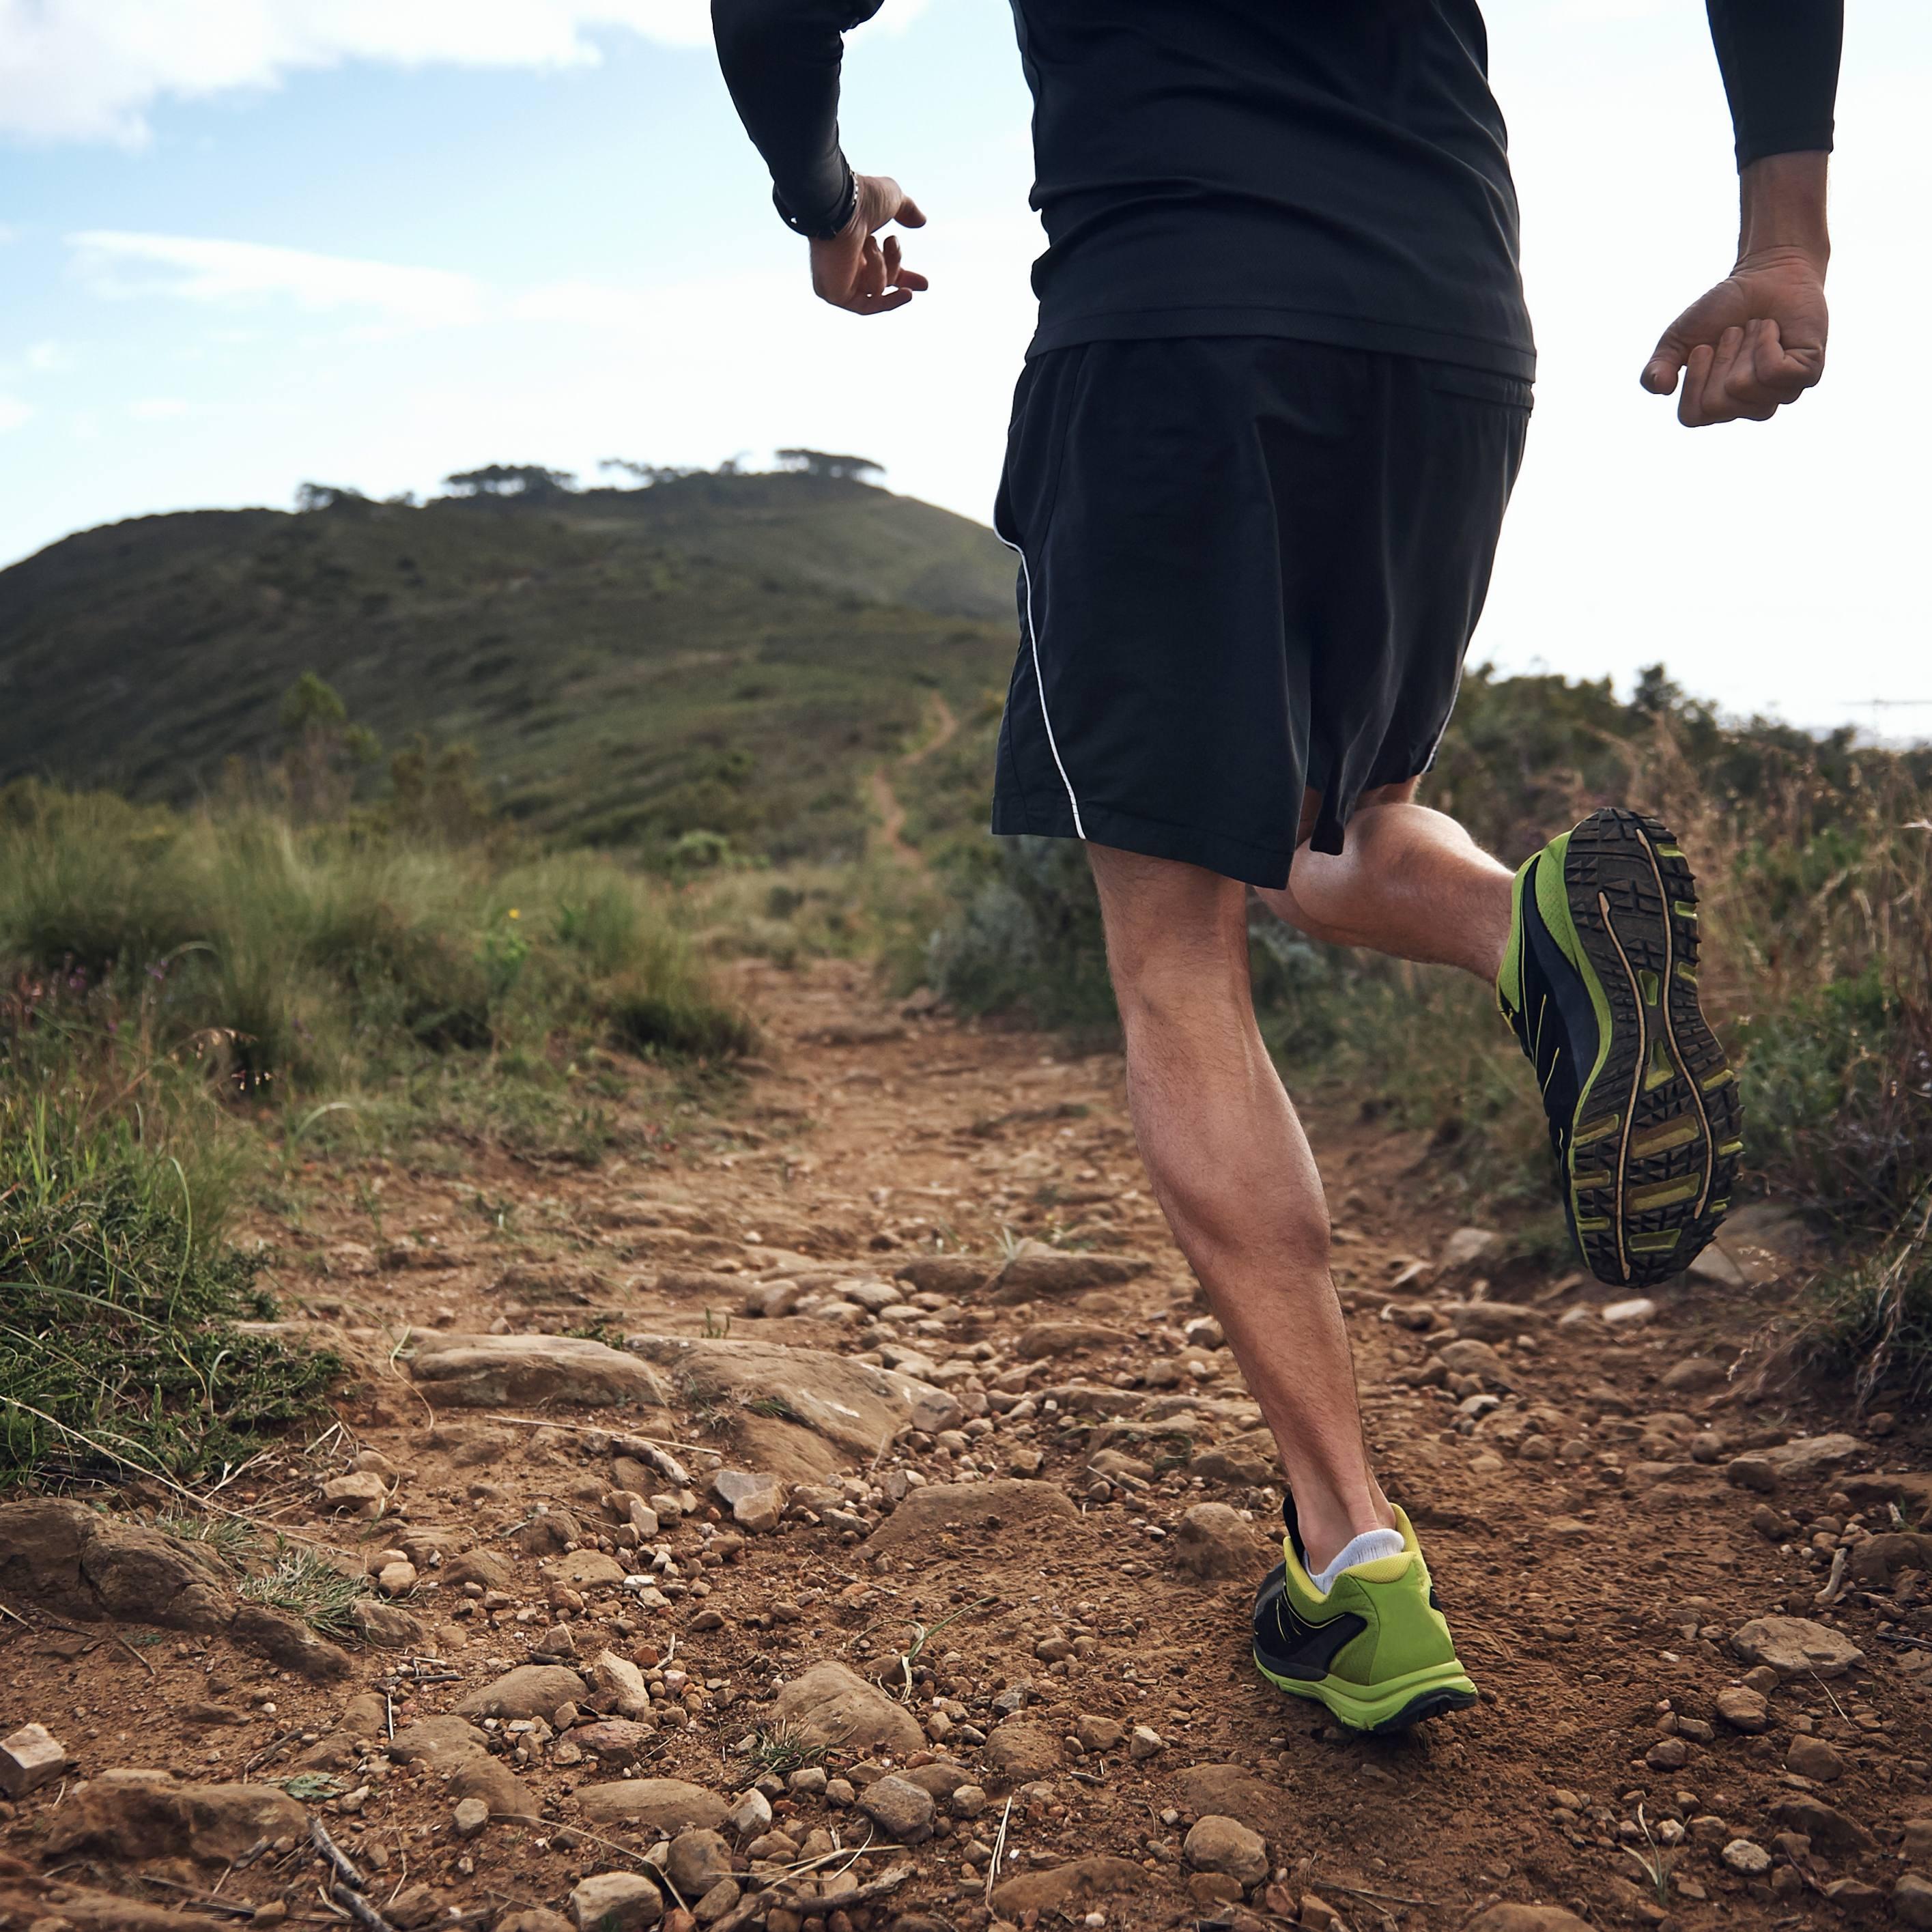 a man running a rocky dirt path in an endurance race on a hillside